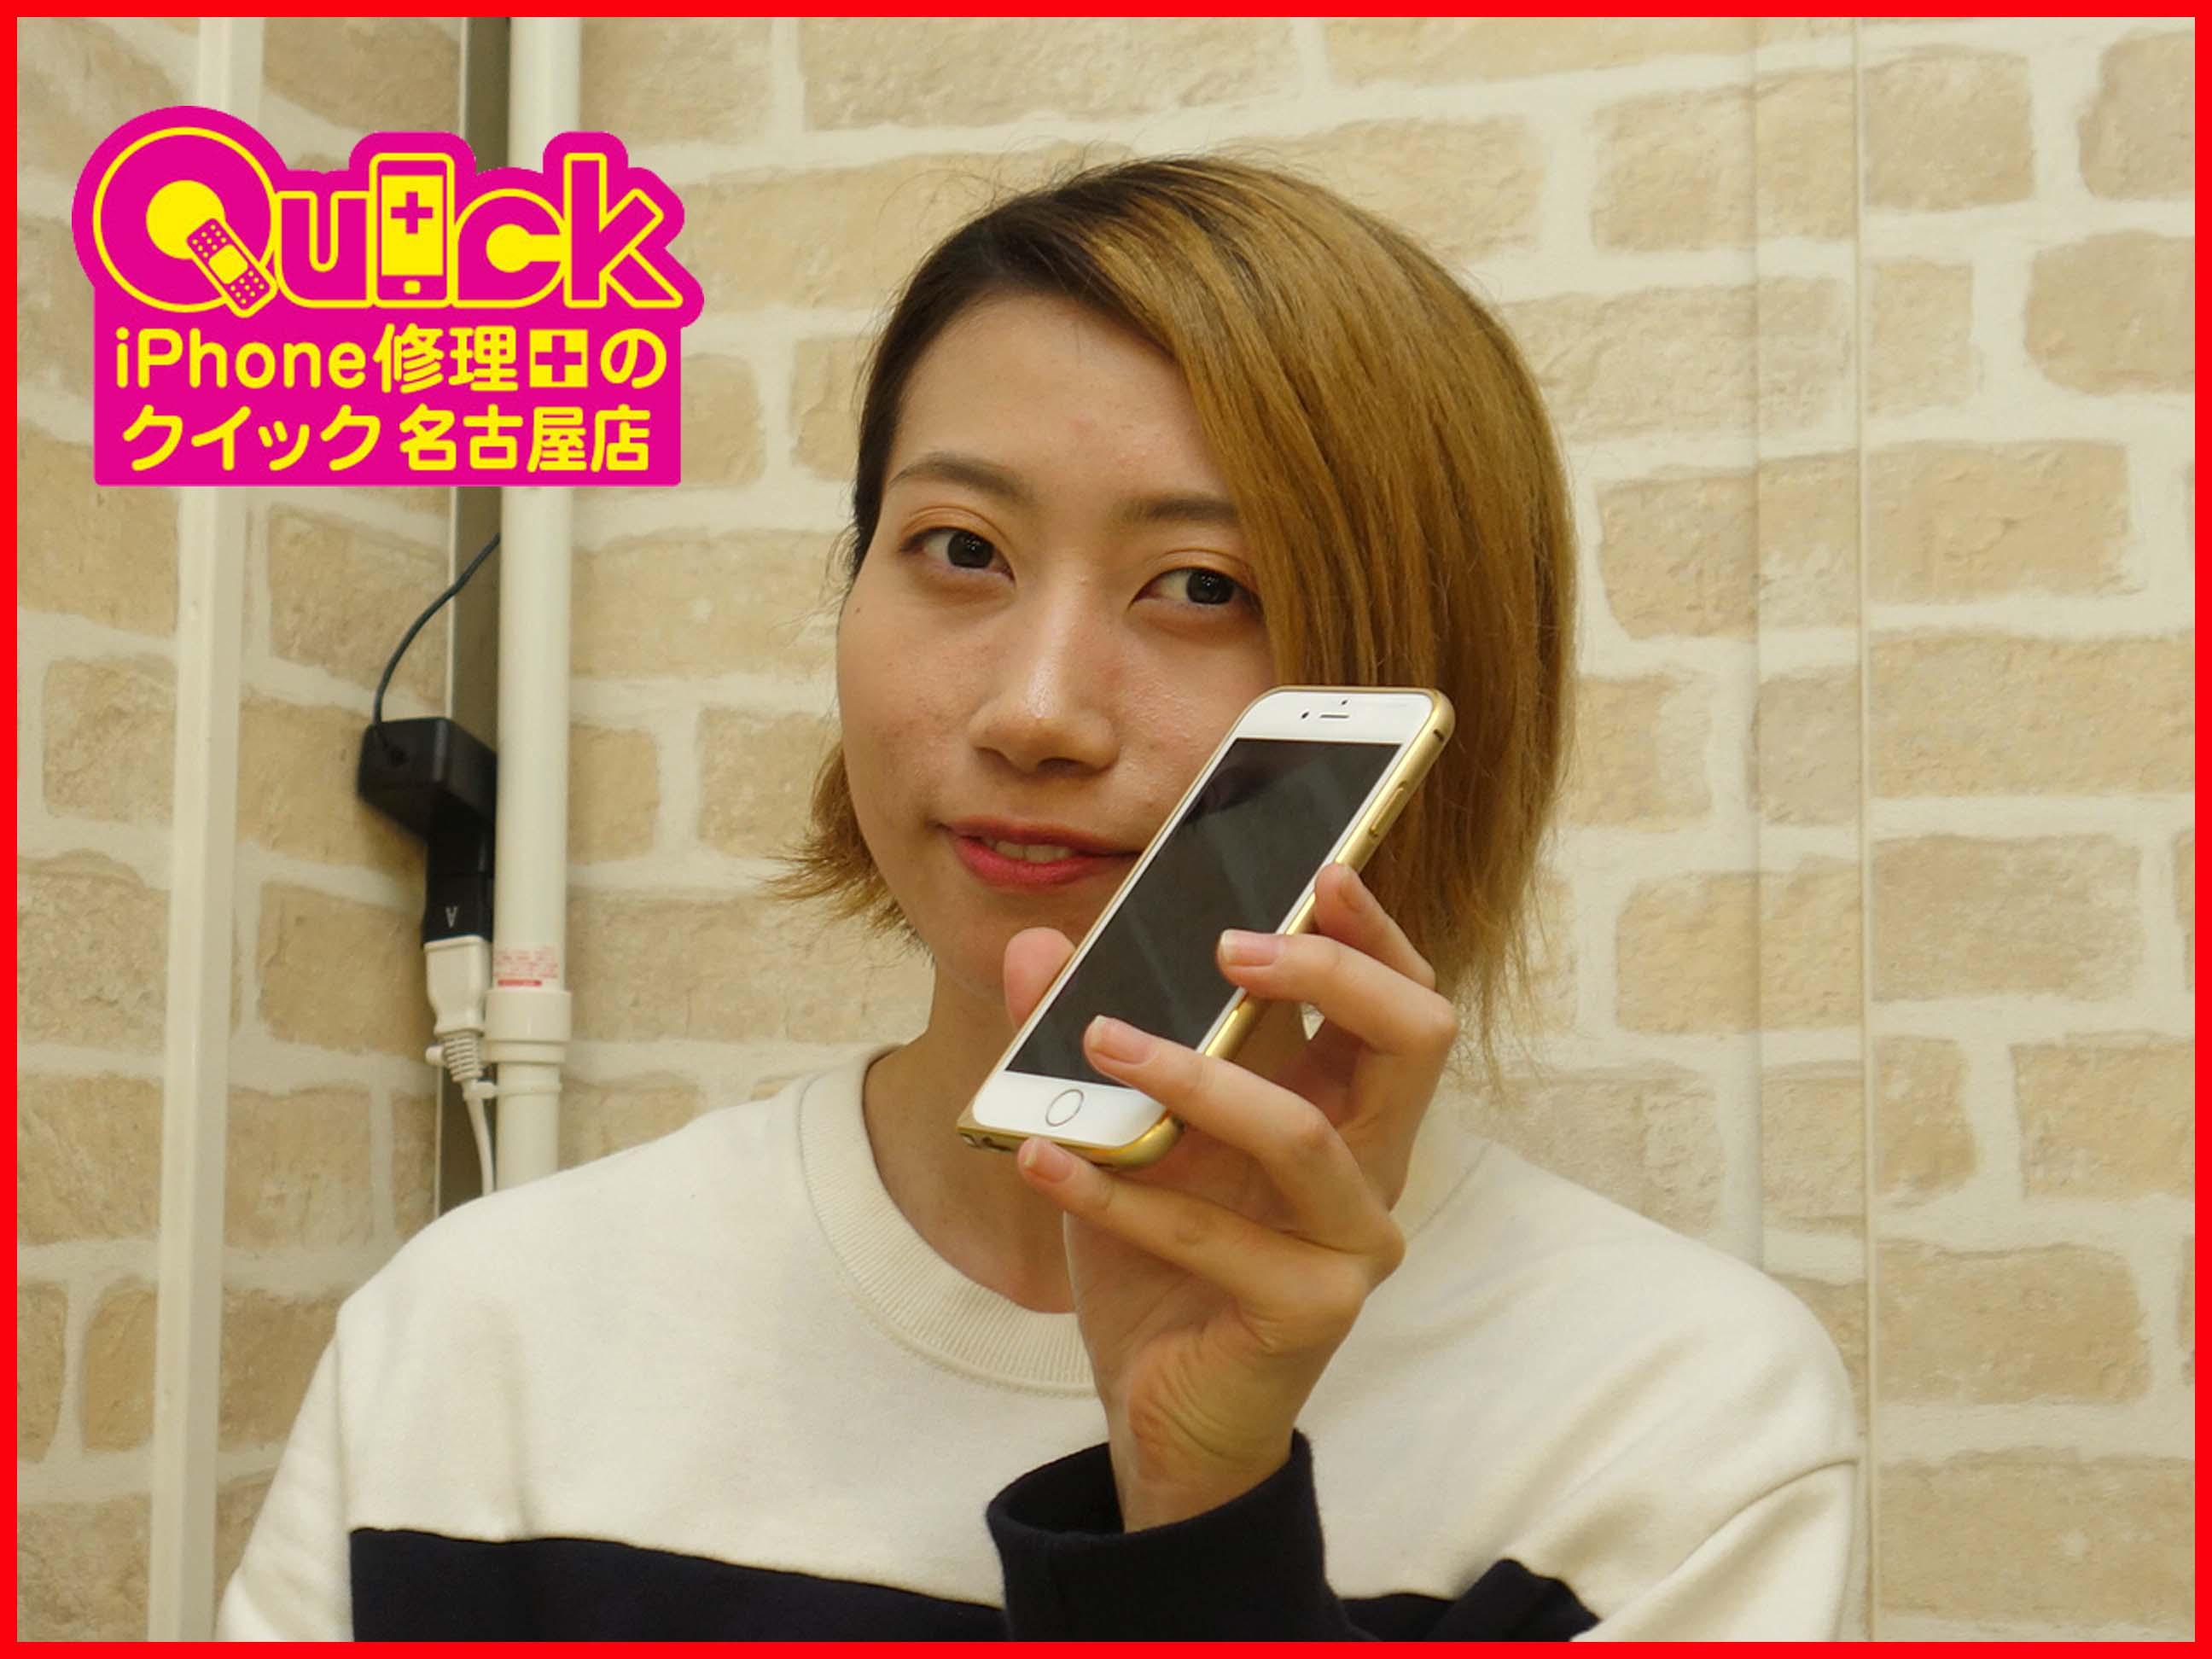 ☆岐阜市 iPhone6 液晶画面割れ修理 アイフォン修理のクイック名古屋